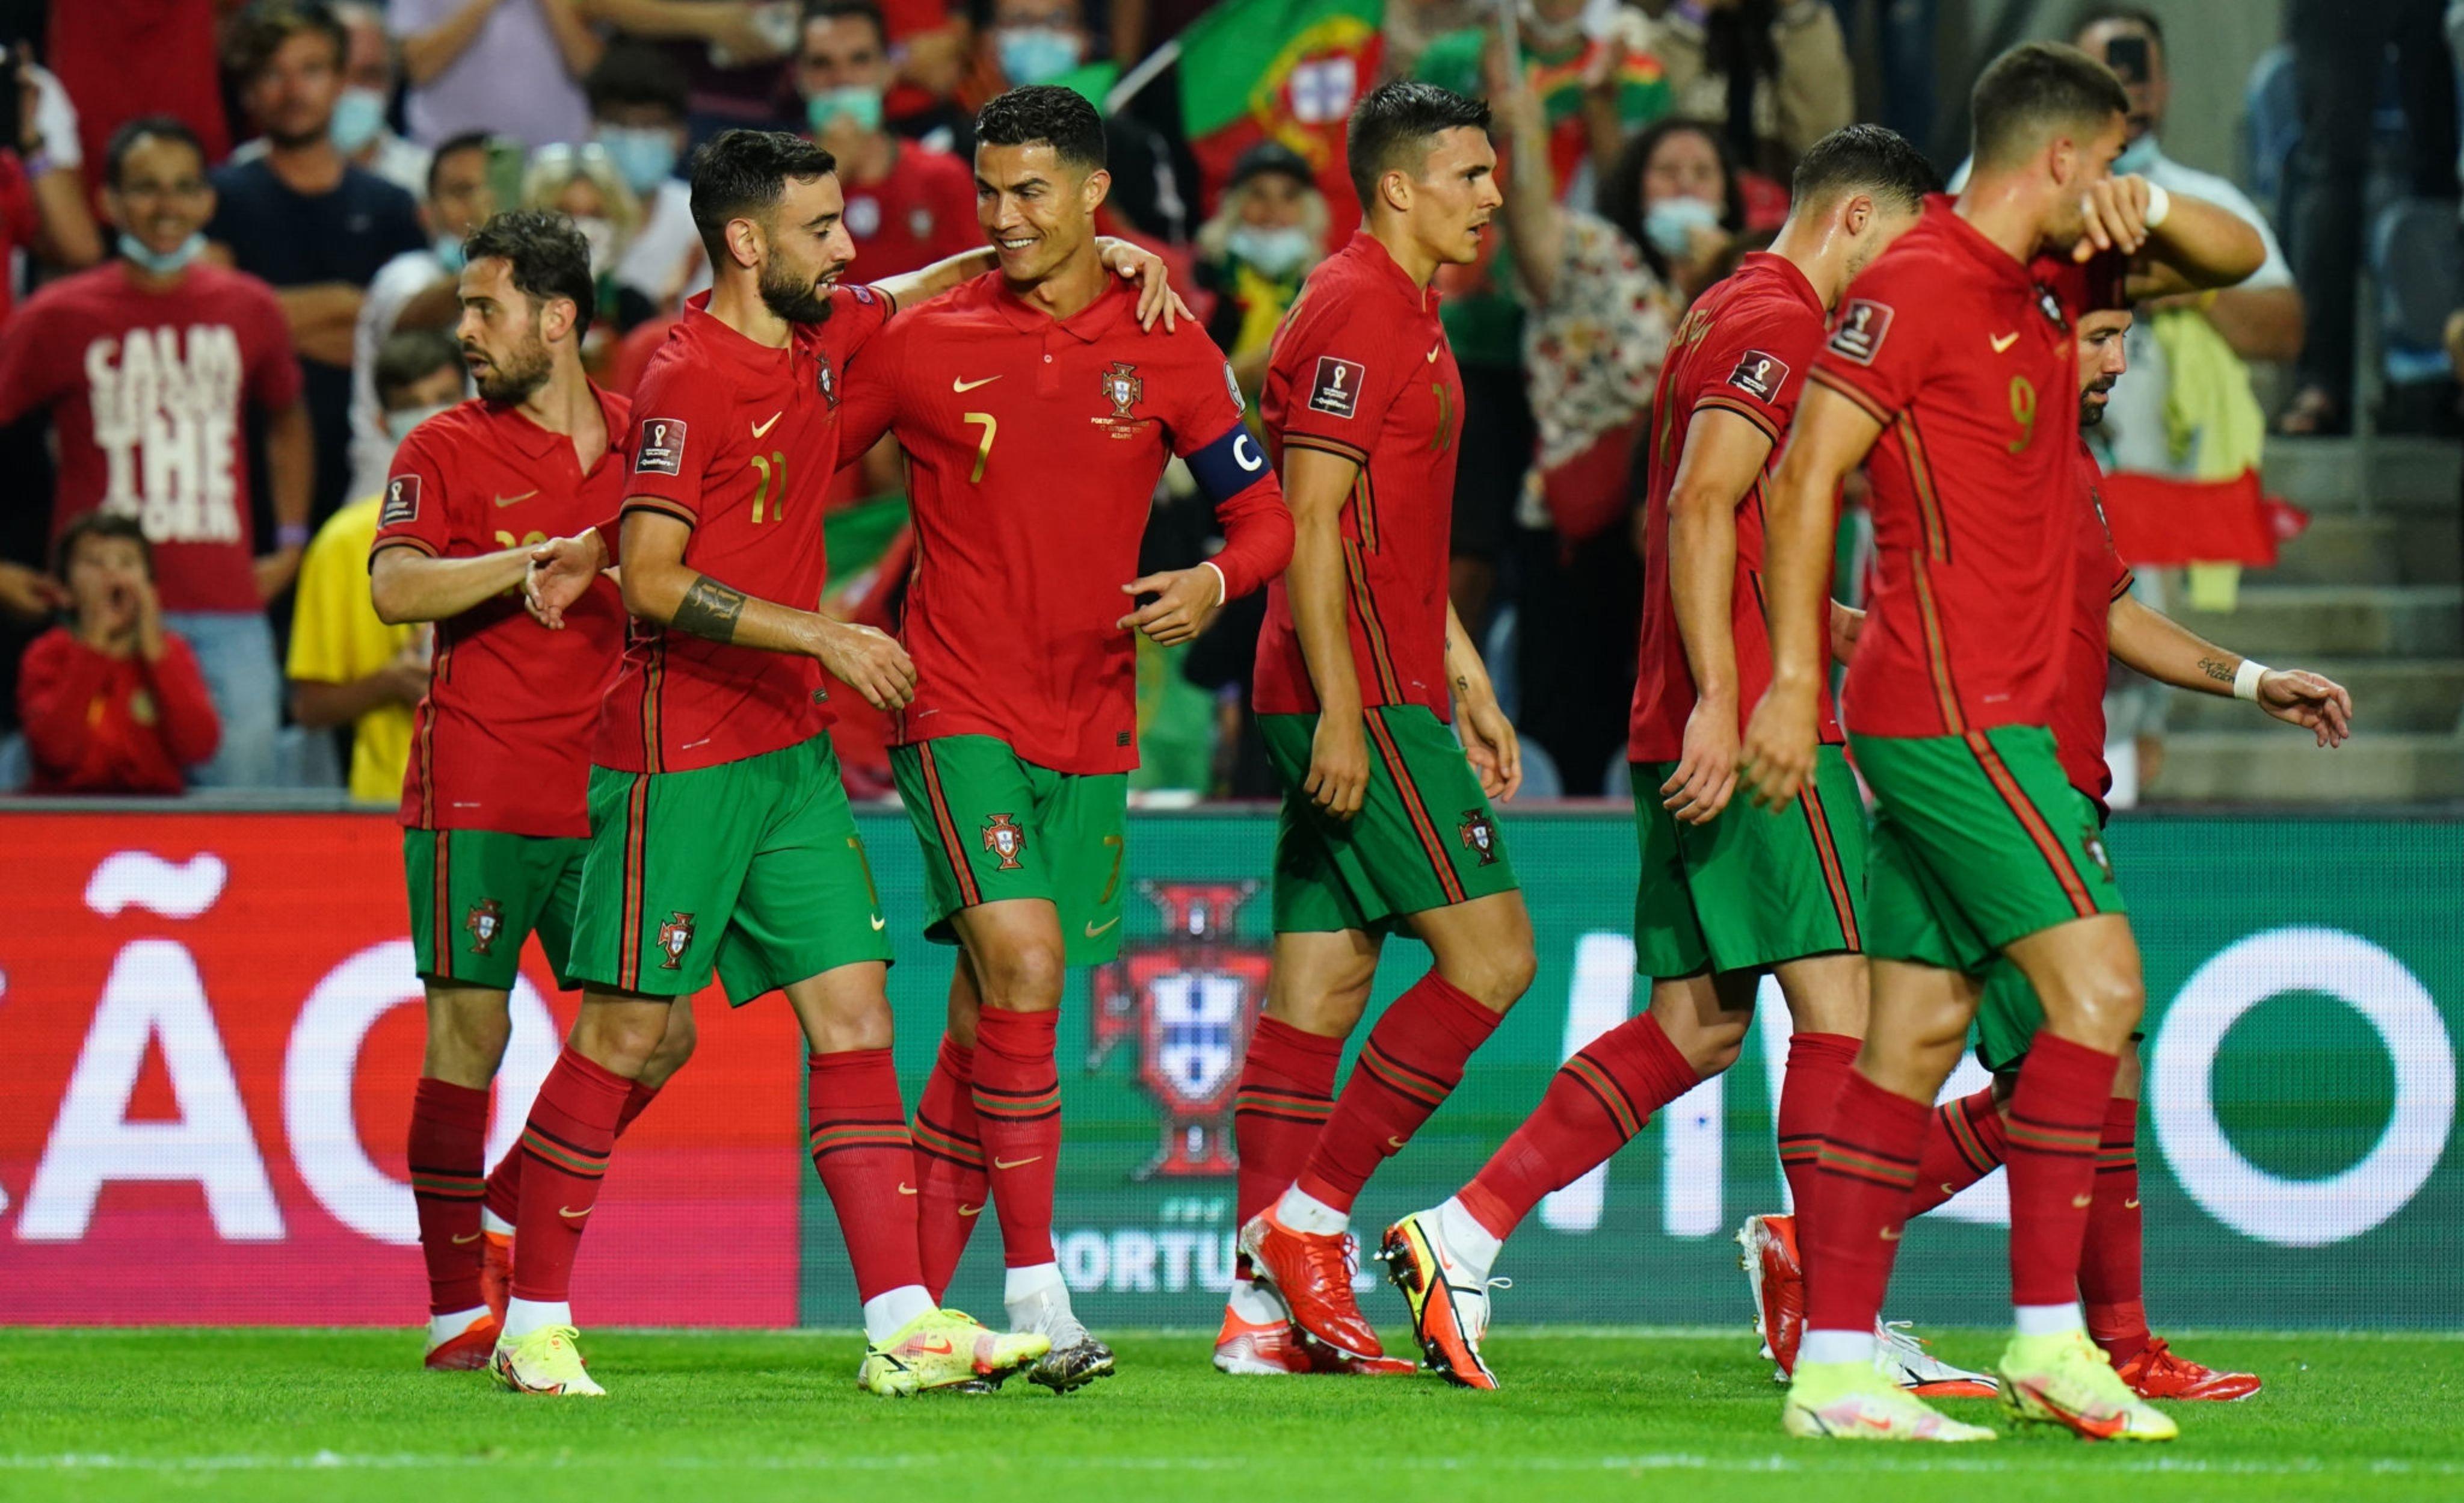 برونو فيرنانديز يحتفل مع نجوم البرتغال